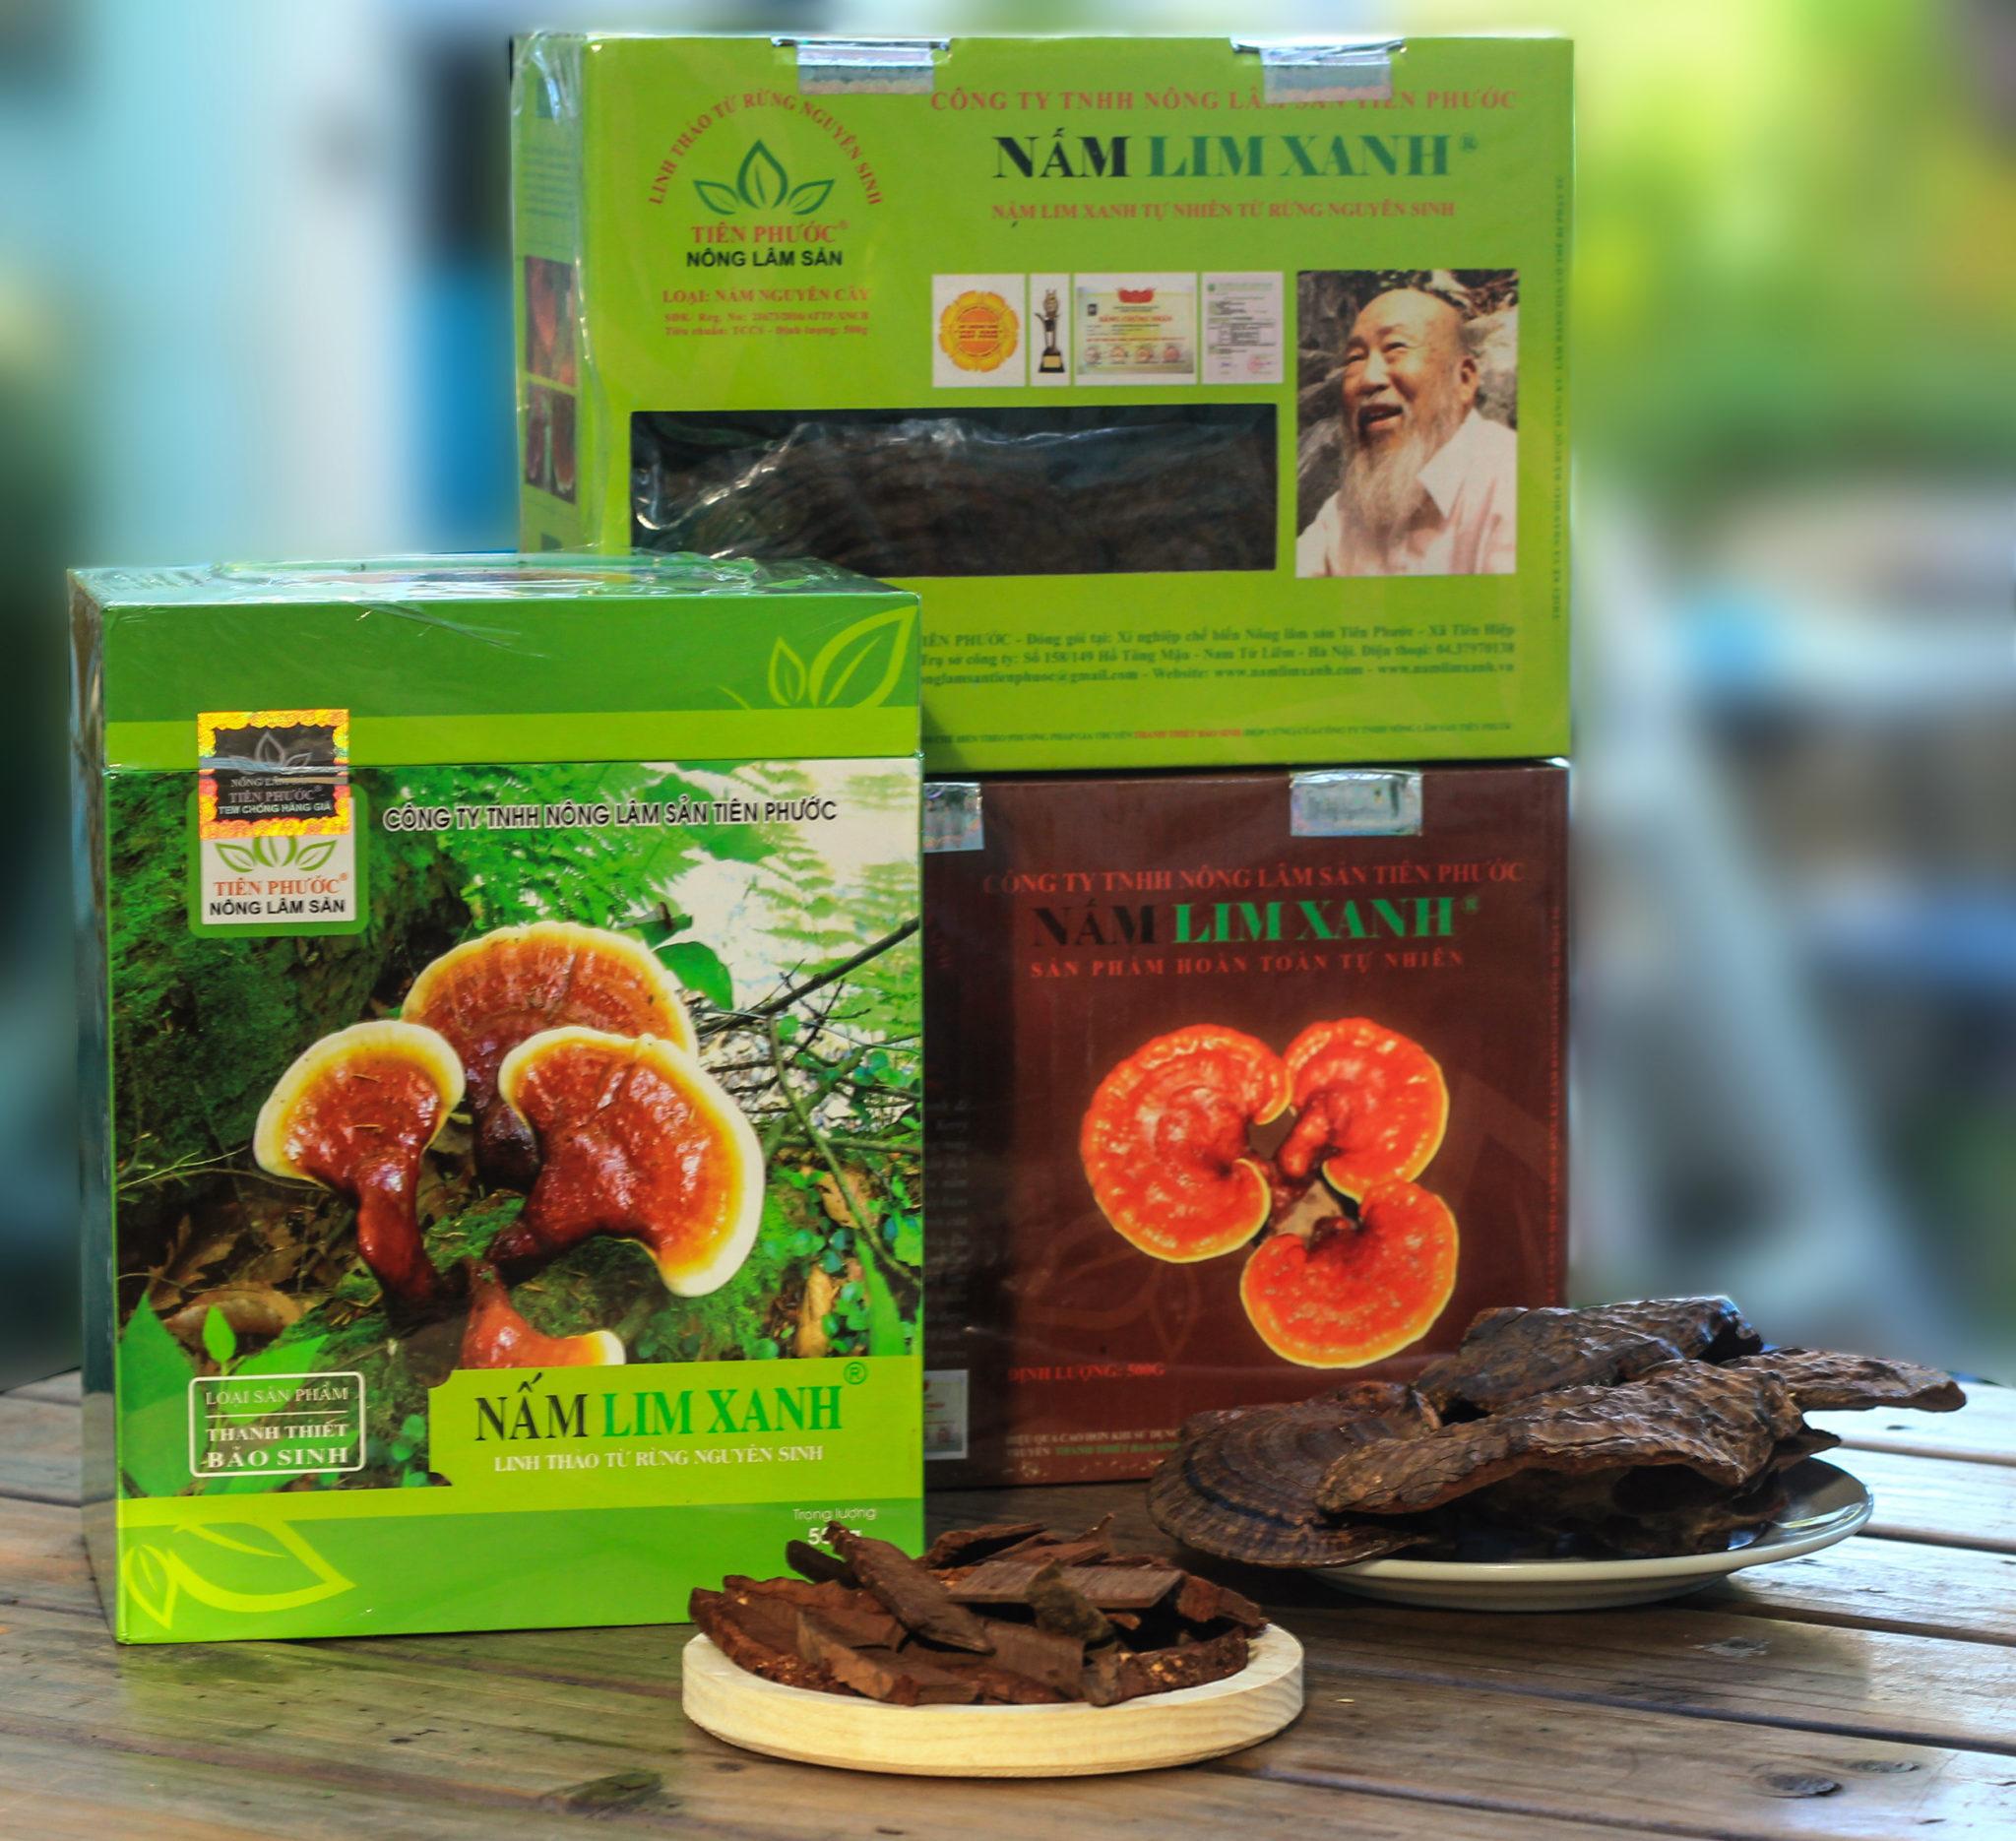 Đại lý bán nấm lim xanh tại Quảng Ninh cung cấp sản phẩm nấm lim xanh rừng tự nhiên